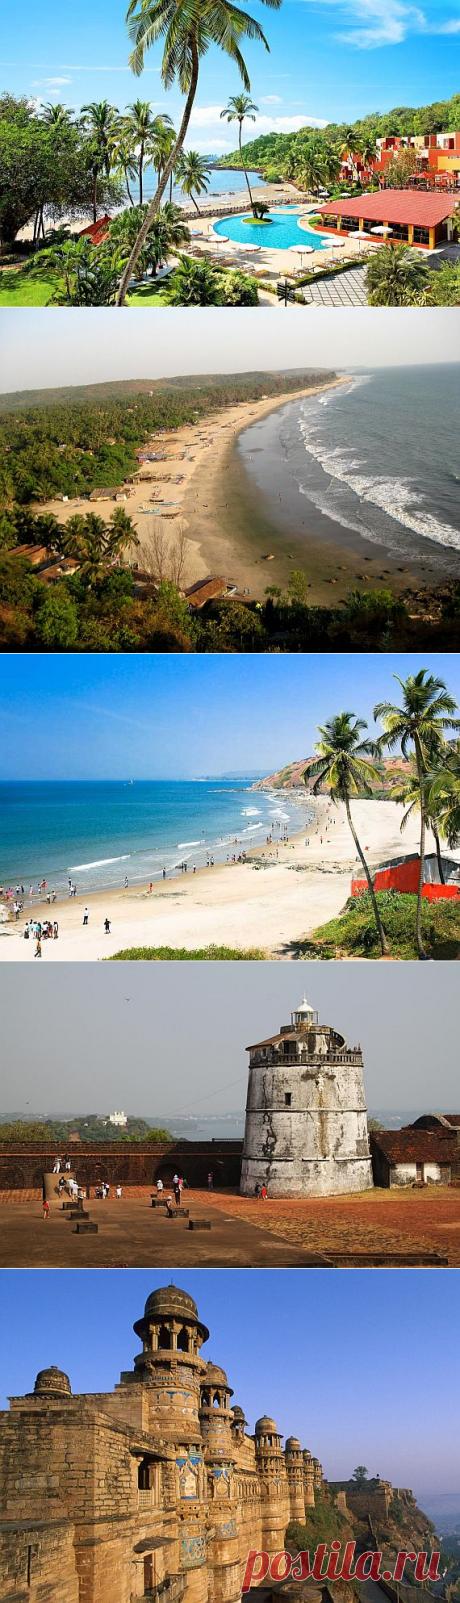 El estado Goa indio.\u000d\u000aAl día de hoy una de las direcciones populares para el turismo había un balneario Goa exótico y pintoresco. Aquel, quien han aburrido ya las vueltas a Egipto y Turquía y apetece una curiosidad, bienvenido en Goa. Últimamente la cantidad de los vuelos chárters en este rincón indio de luz se ha aumentado mucho.